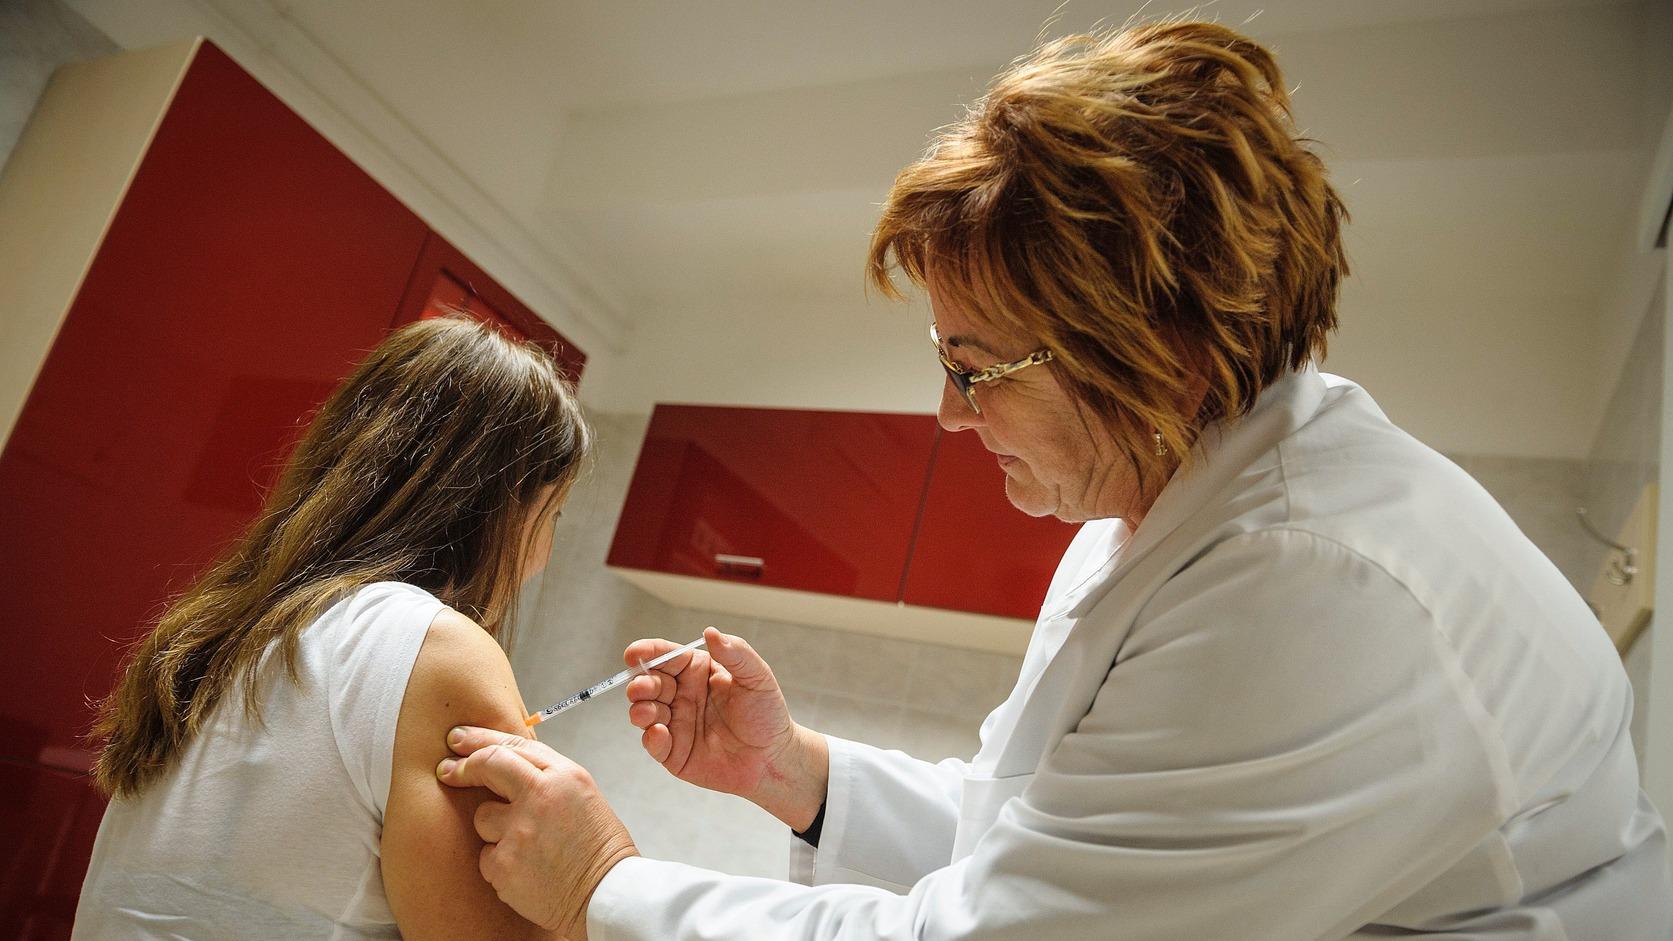 Dézsi Ágnes háziorvos influenza elleni védőoltást ad be egy páciensnek Debrecenben 2016. november 23-án. Az idei szezonban a 60 éven felüliek és a rizikócsoportba tartozók védőoltásához 1,3 millió adag térítésmentes influenza elleni oltóanyag áll rendelkezésre. MTI Fotó: Czeglédi Zsolt